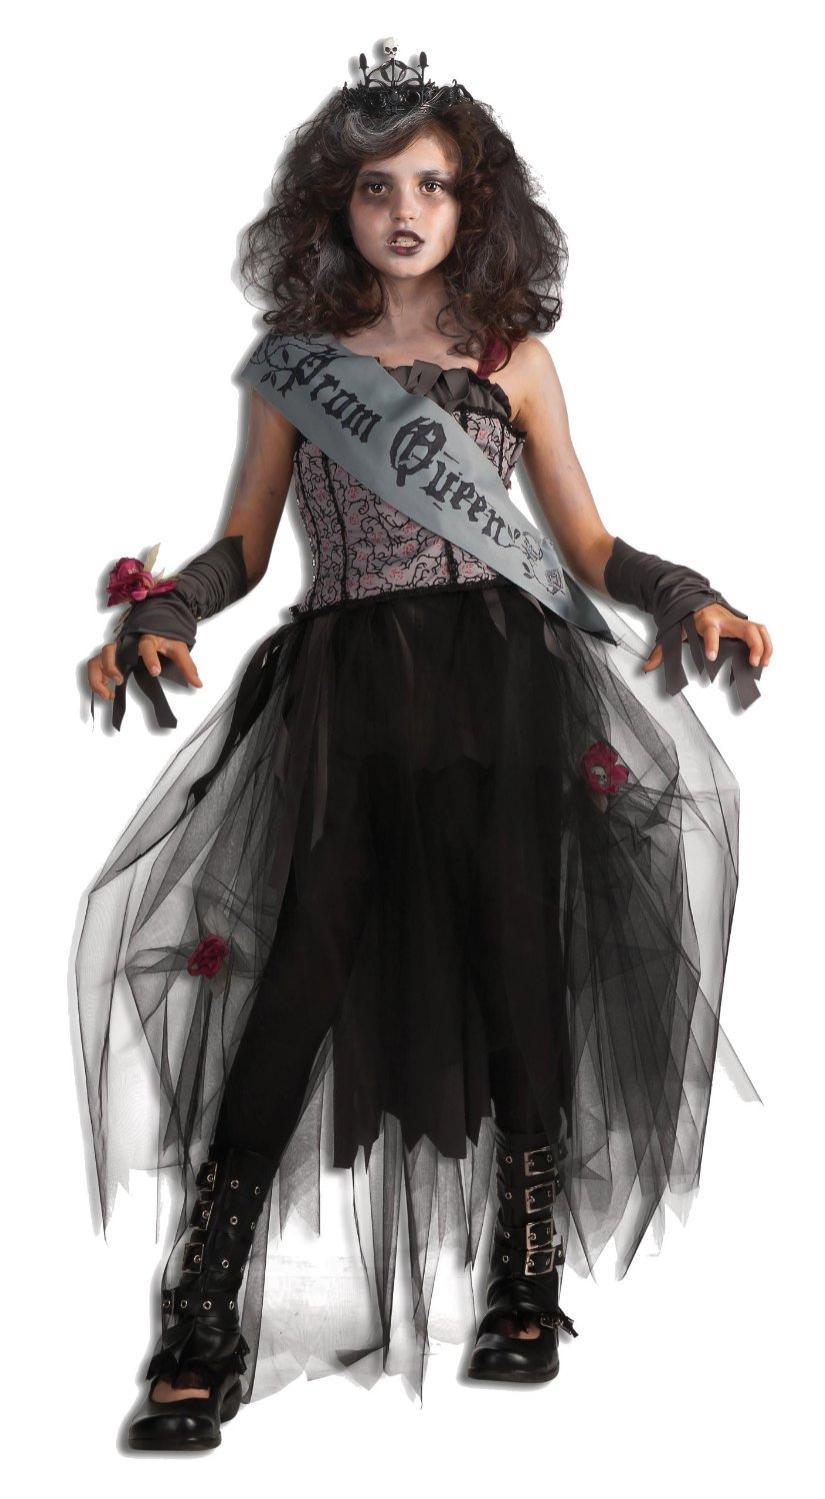 [Panier Plus] Déguisement Rubie's Miss Gothique - Taille M